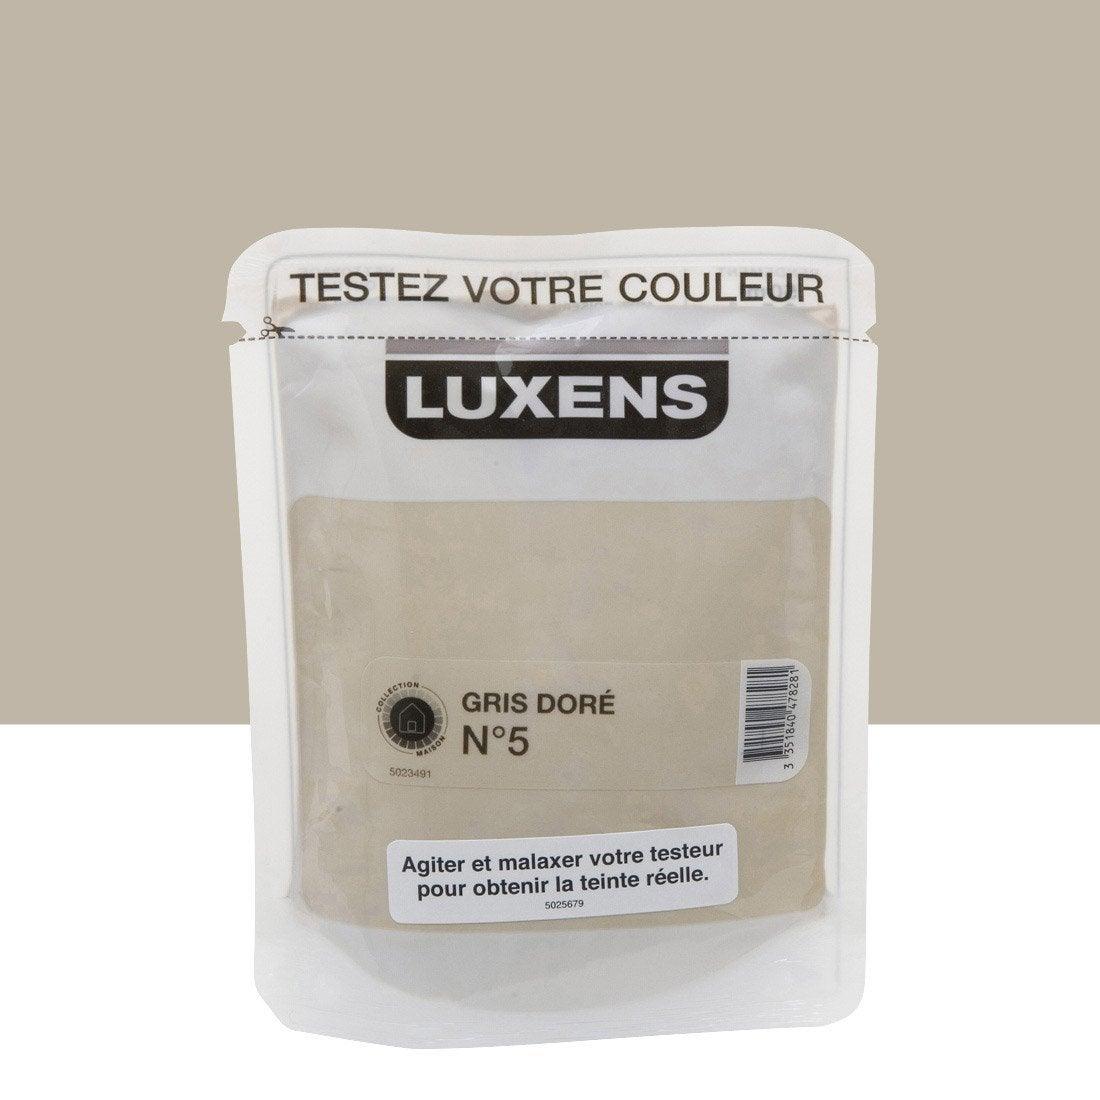 Testeur peinture couleurs int rieures satin luxens gris dor n 5 l l - Leroy merlin peinture couleur ...